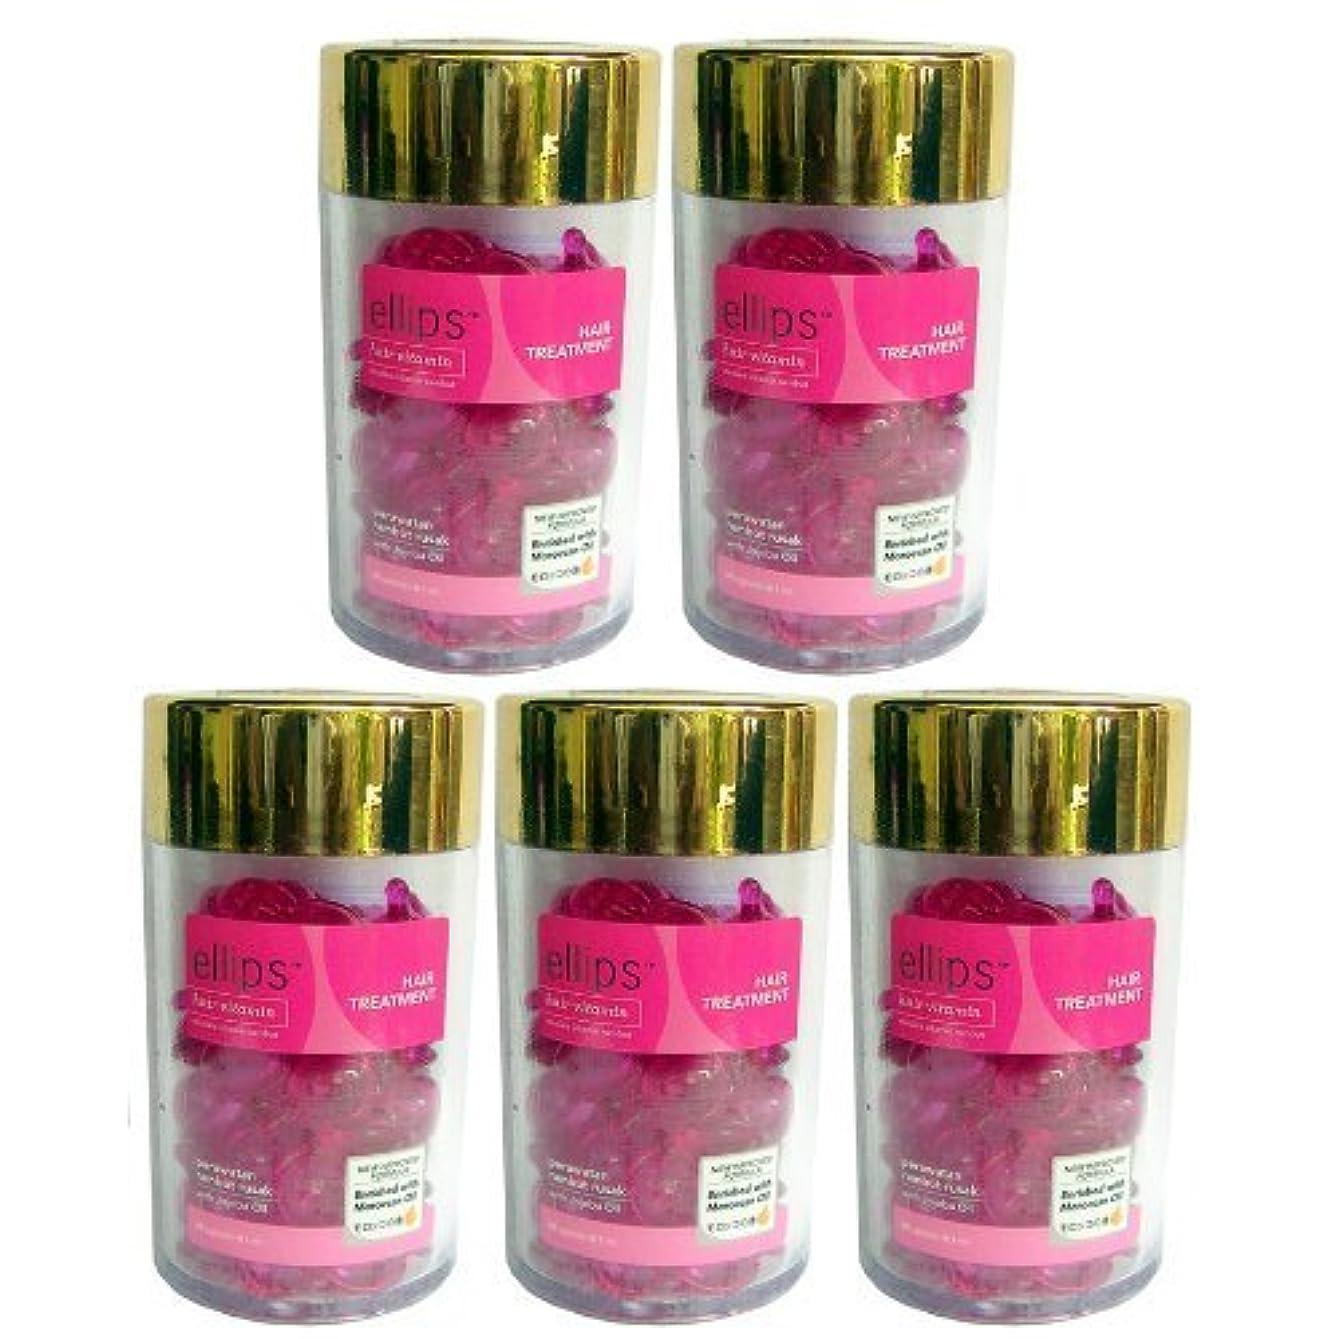 グリップ研究所損なうエリップス ellips ヘアビタミン洗い流さないヘアトリートメント(並行輸入品) (ピンク5本)